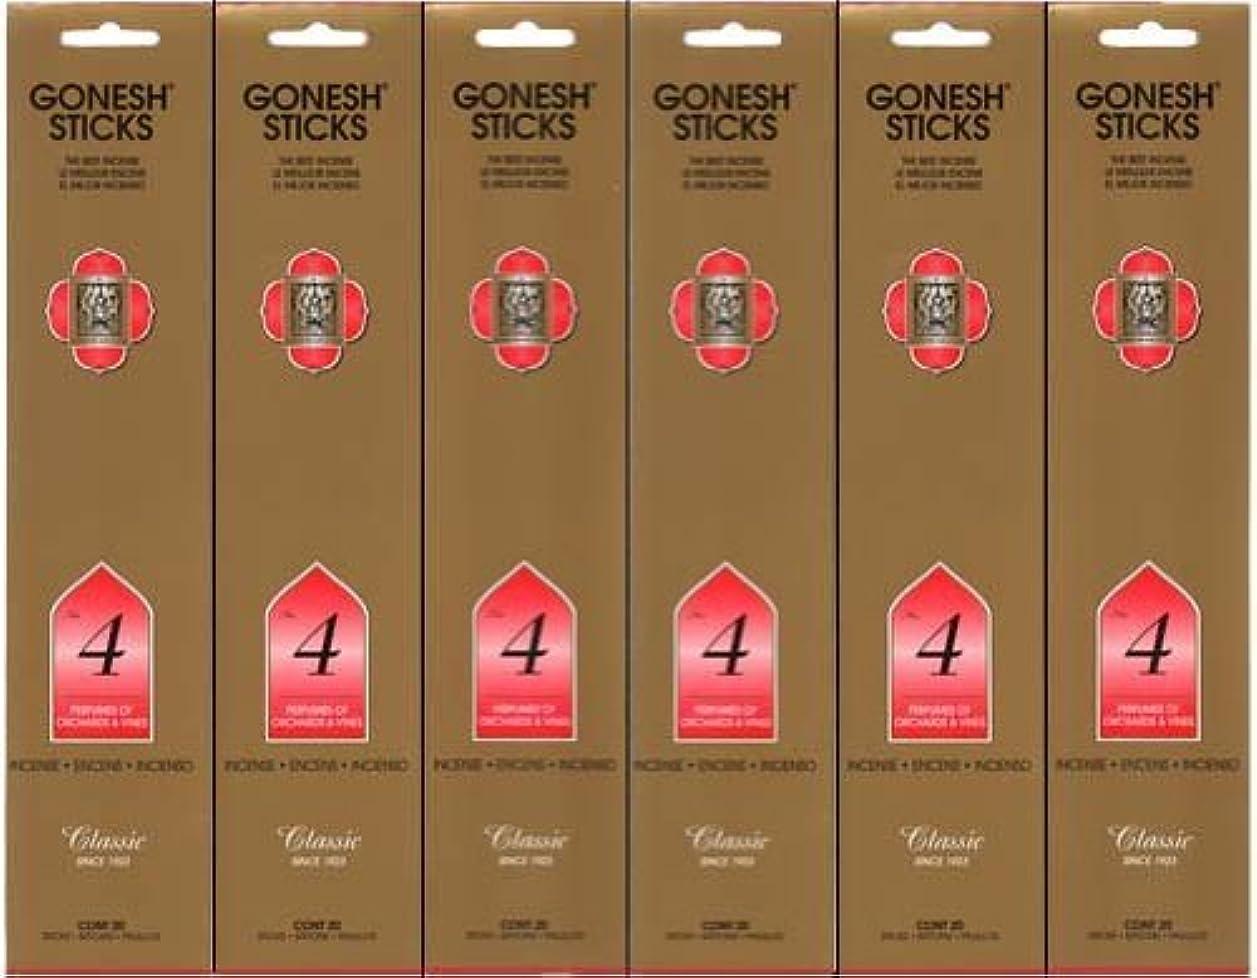 設計ヘッドレス失敗GONESH インセンス No.4 スティック 20本入り X 6パック (120本)